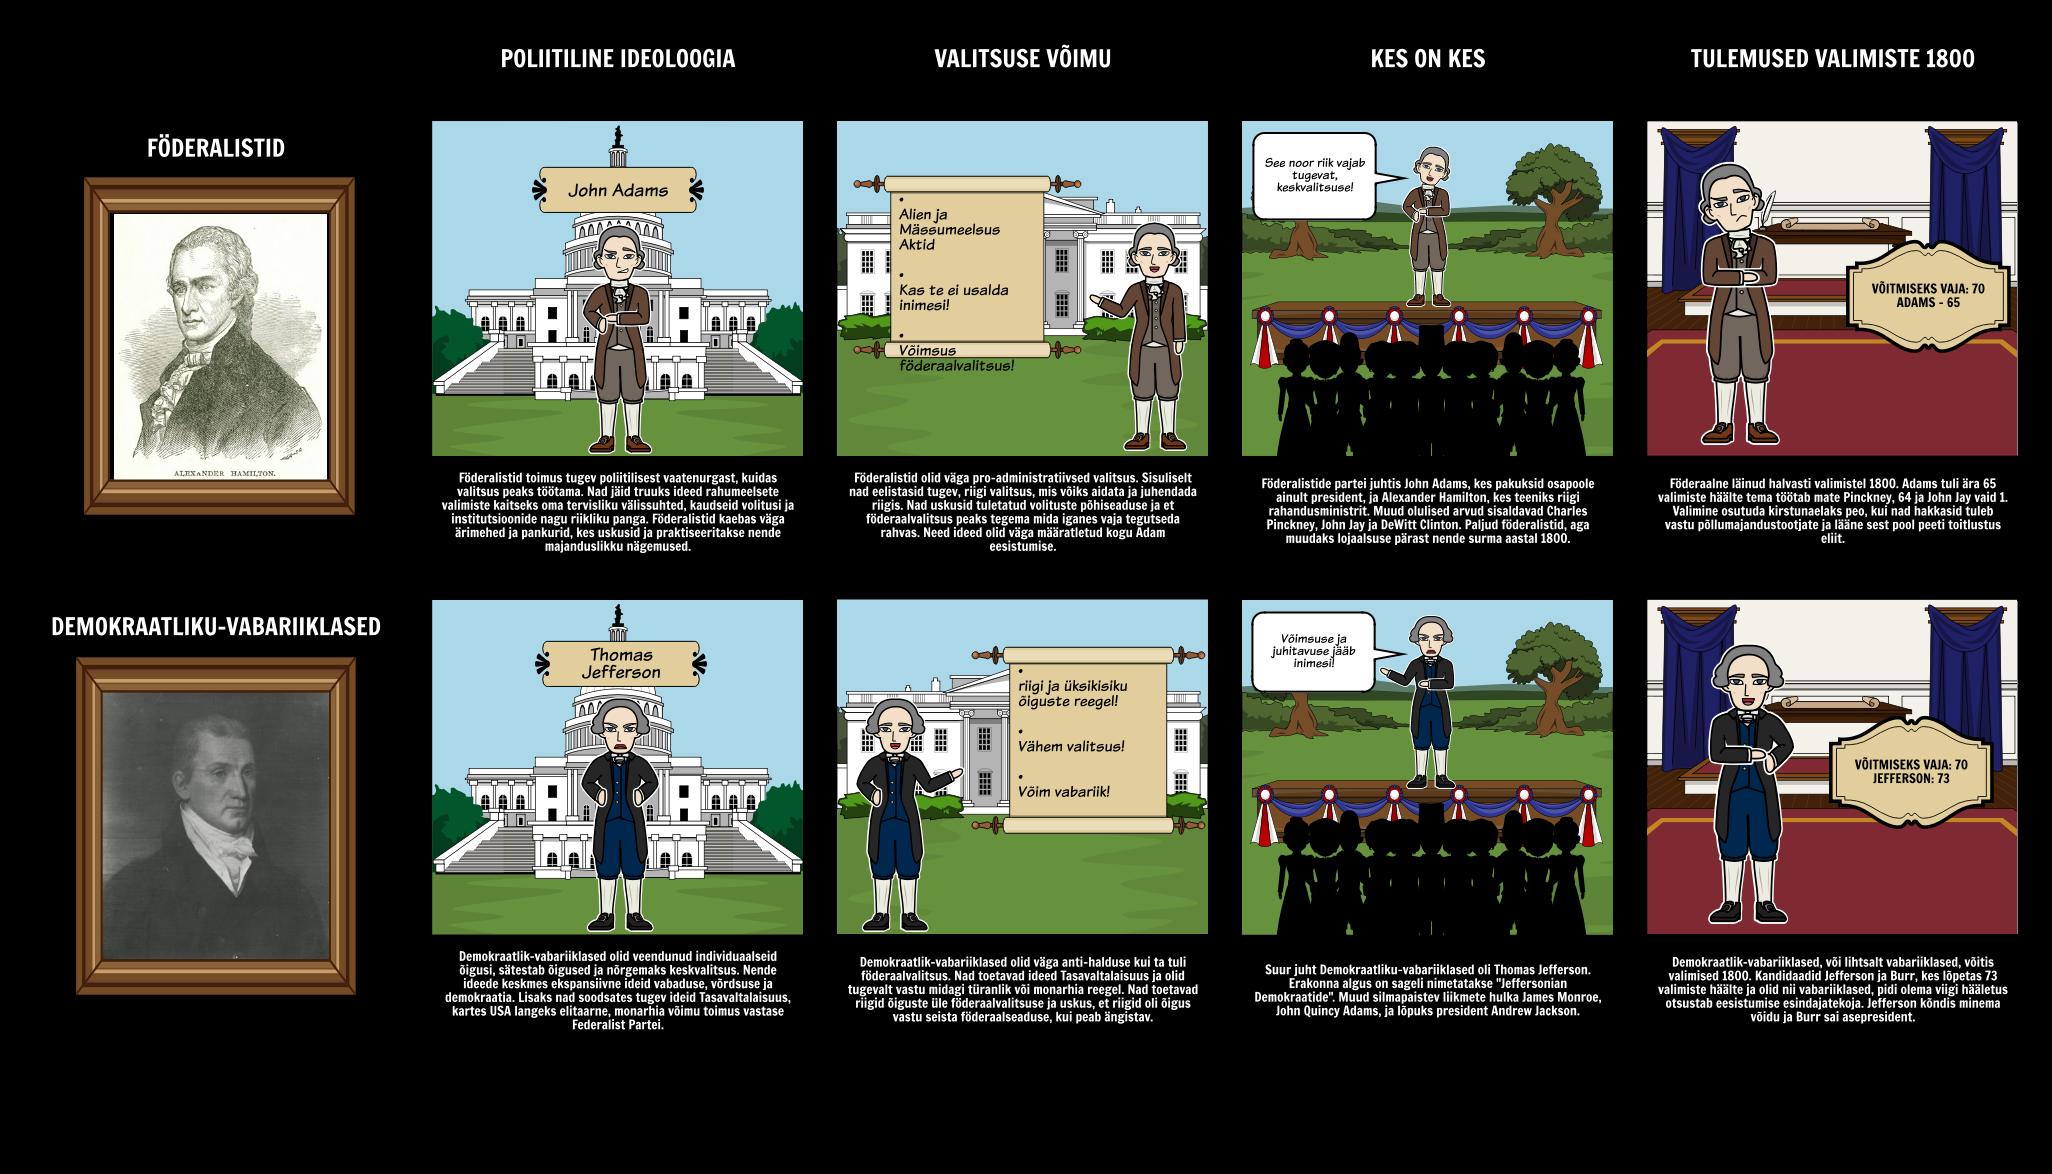 Valimiste 1800 - föderalistid vs Demokraatlik vabariiklased